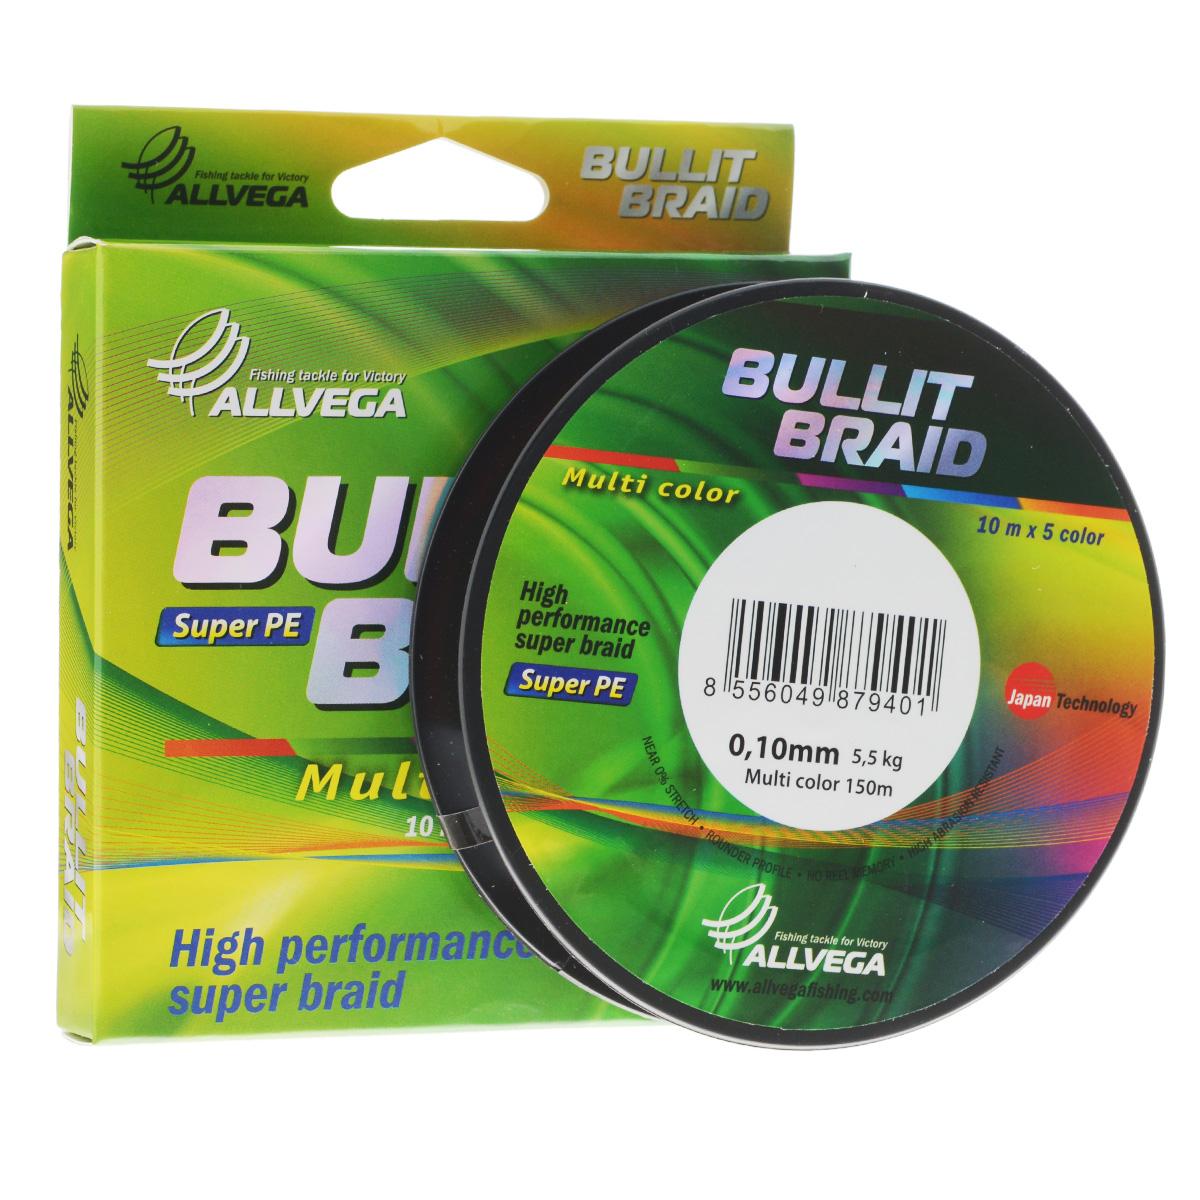 Леска плетеная Allvega Bullit Braid, цвет: мультиколор, 150 м, 0,10 мм, 5,5 кг25835Леска Allvega Bullit Braid с гладкой поверхностью и одинаковым сечением по всей длине обладает высокой износостойкостью. Благодаря микроволокнам полиэтилена (Super PE) леска имеет очень плотное плетение и не впитывает воду. Леску Allvega Bullit Braid можно применять в любых типах водоемов. Особенности:повышенная износостойкость;высокая чувствительность - коэффициент растяжения близок к нулю;отсутствует память; идеально гладкая поверхность позволяет увеличить дальность забросов; высокая прочность шнура на узлах.